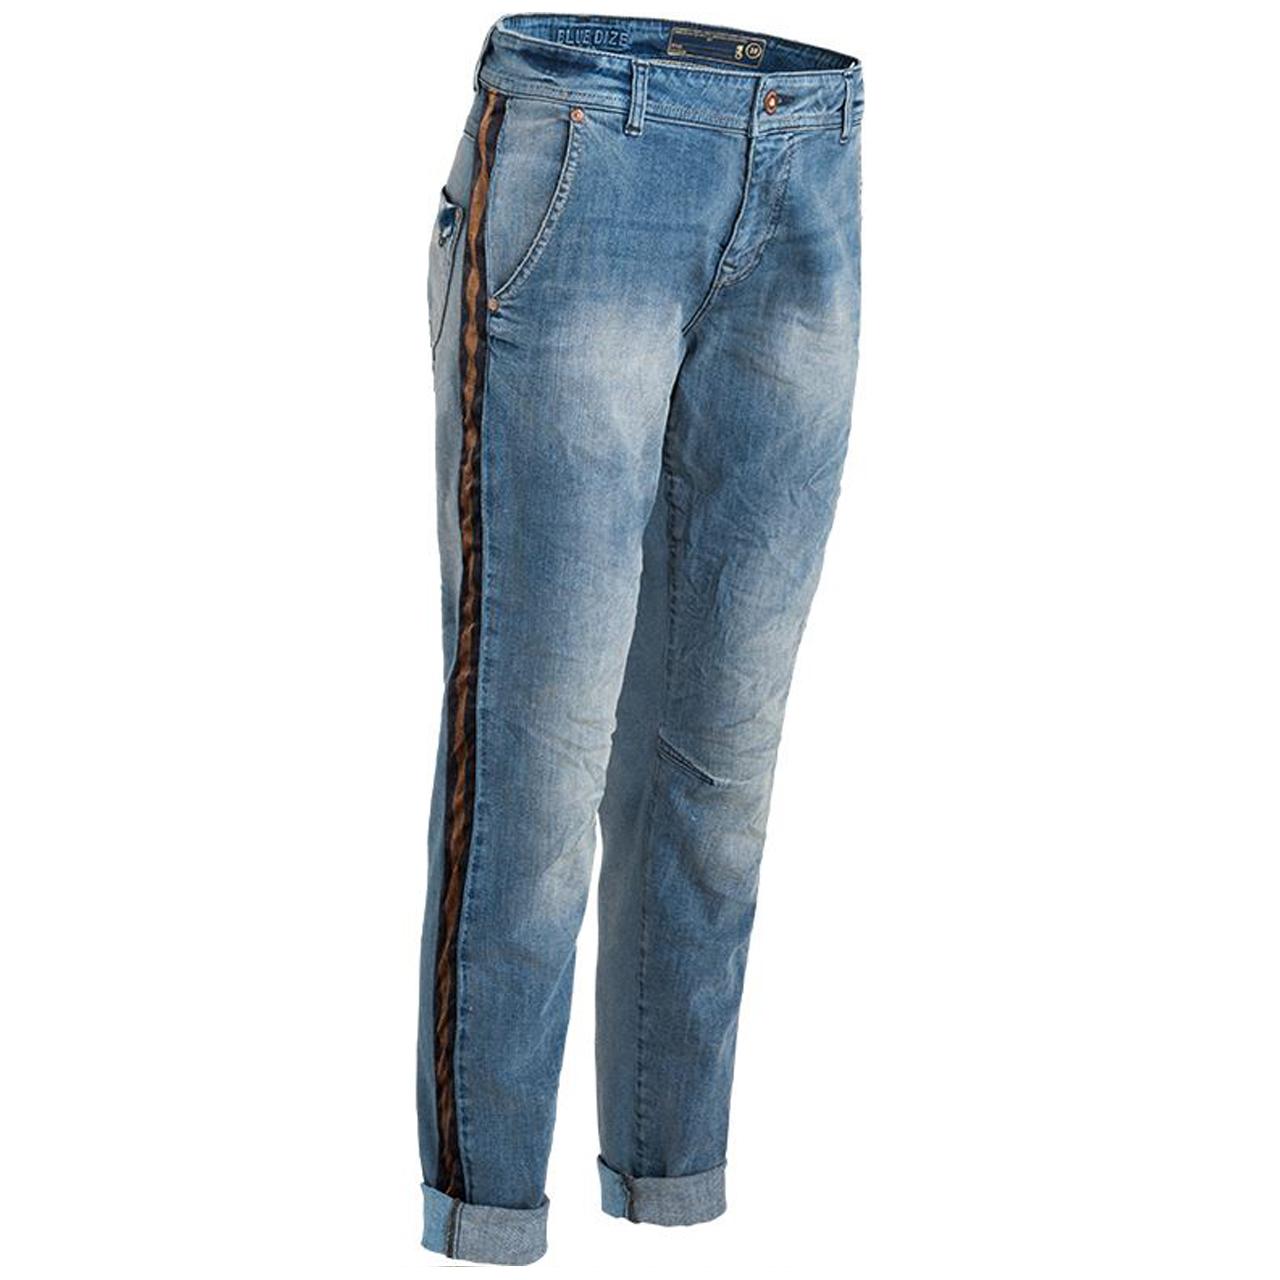 585093d751f2c4 Summum 4s1656-10775BD Jeans - Jeans - Dames - Irma Mode